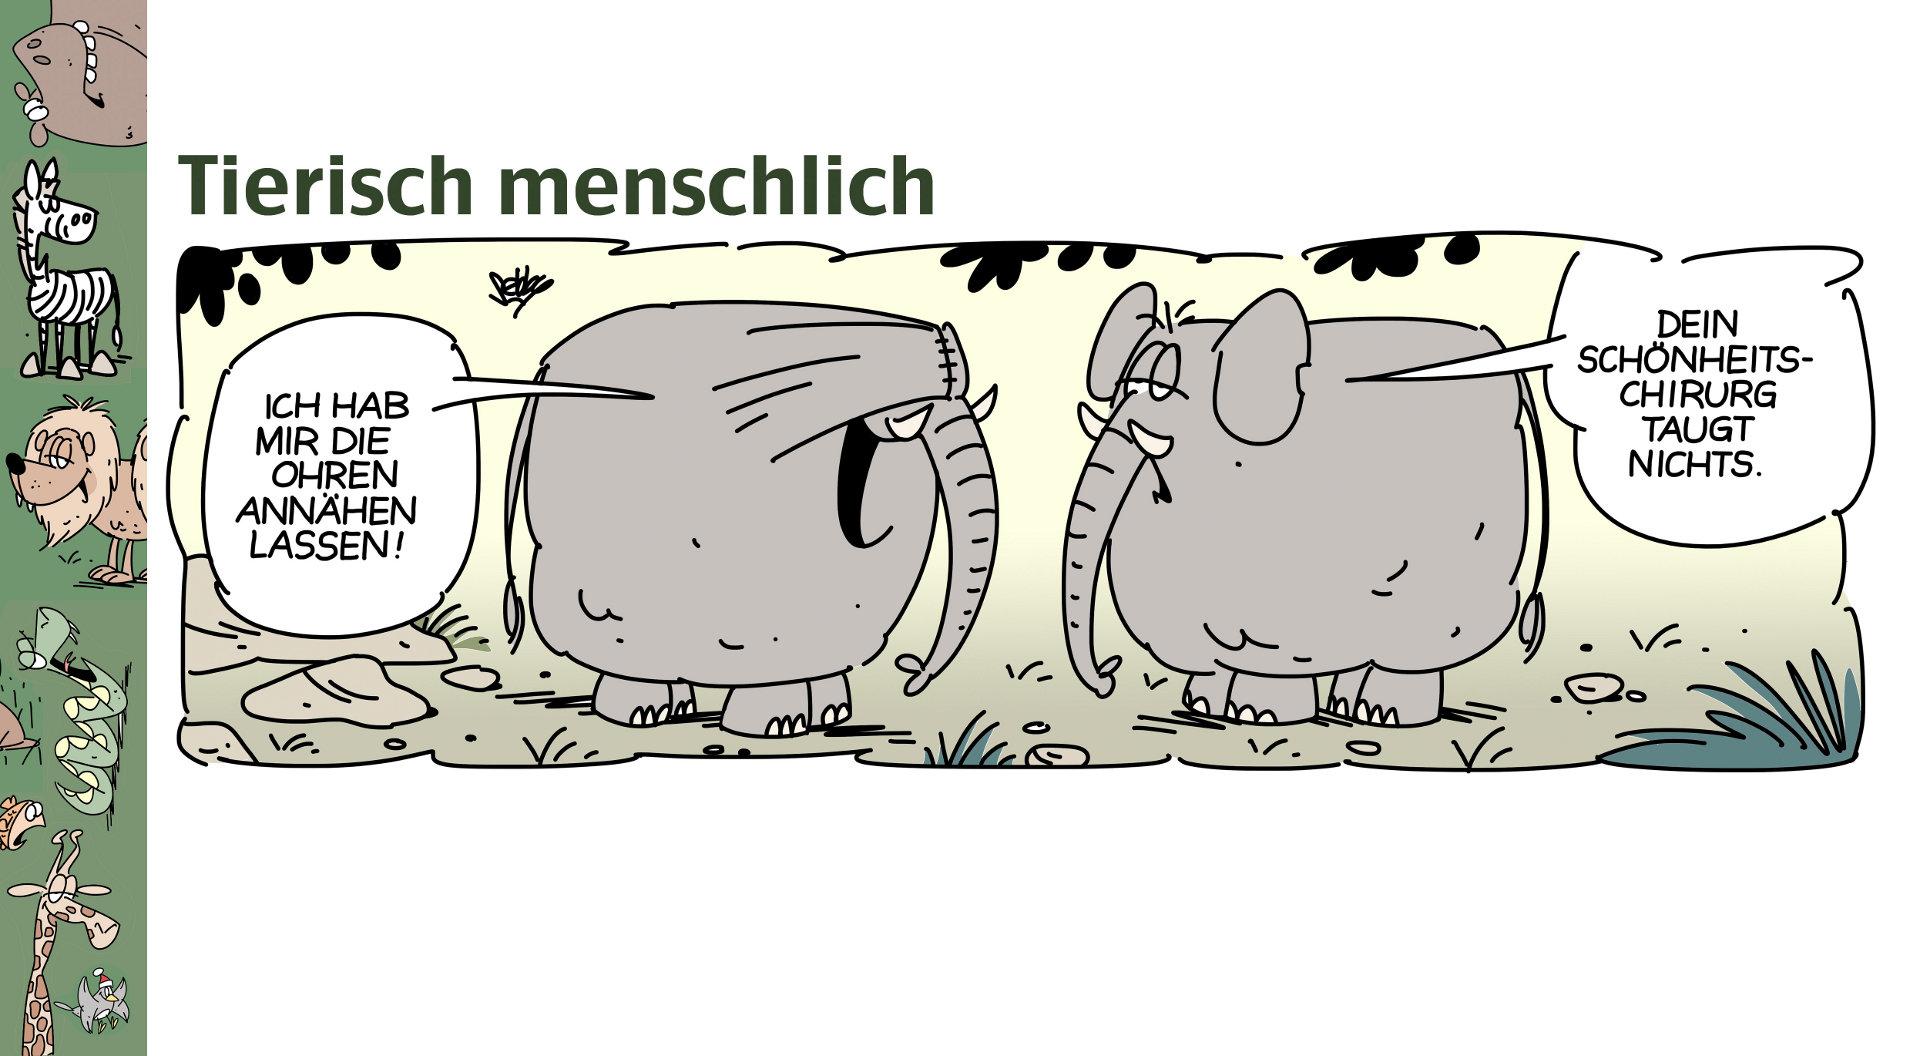 http://treworx.net/kunden/brandt-cartoons/cartoons.html